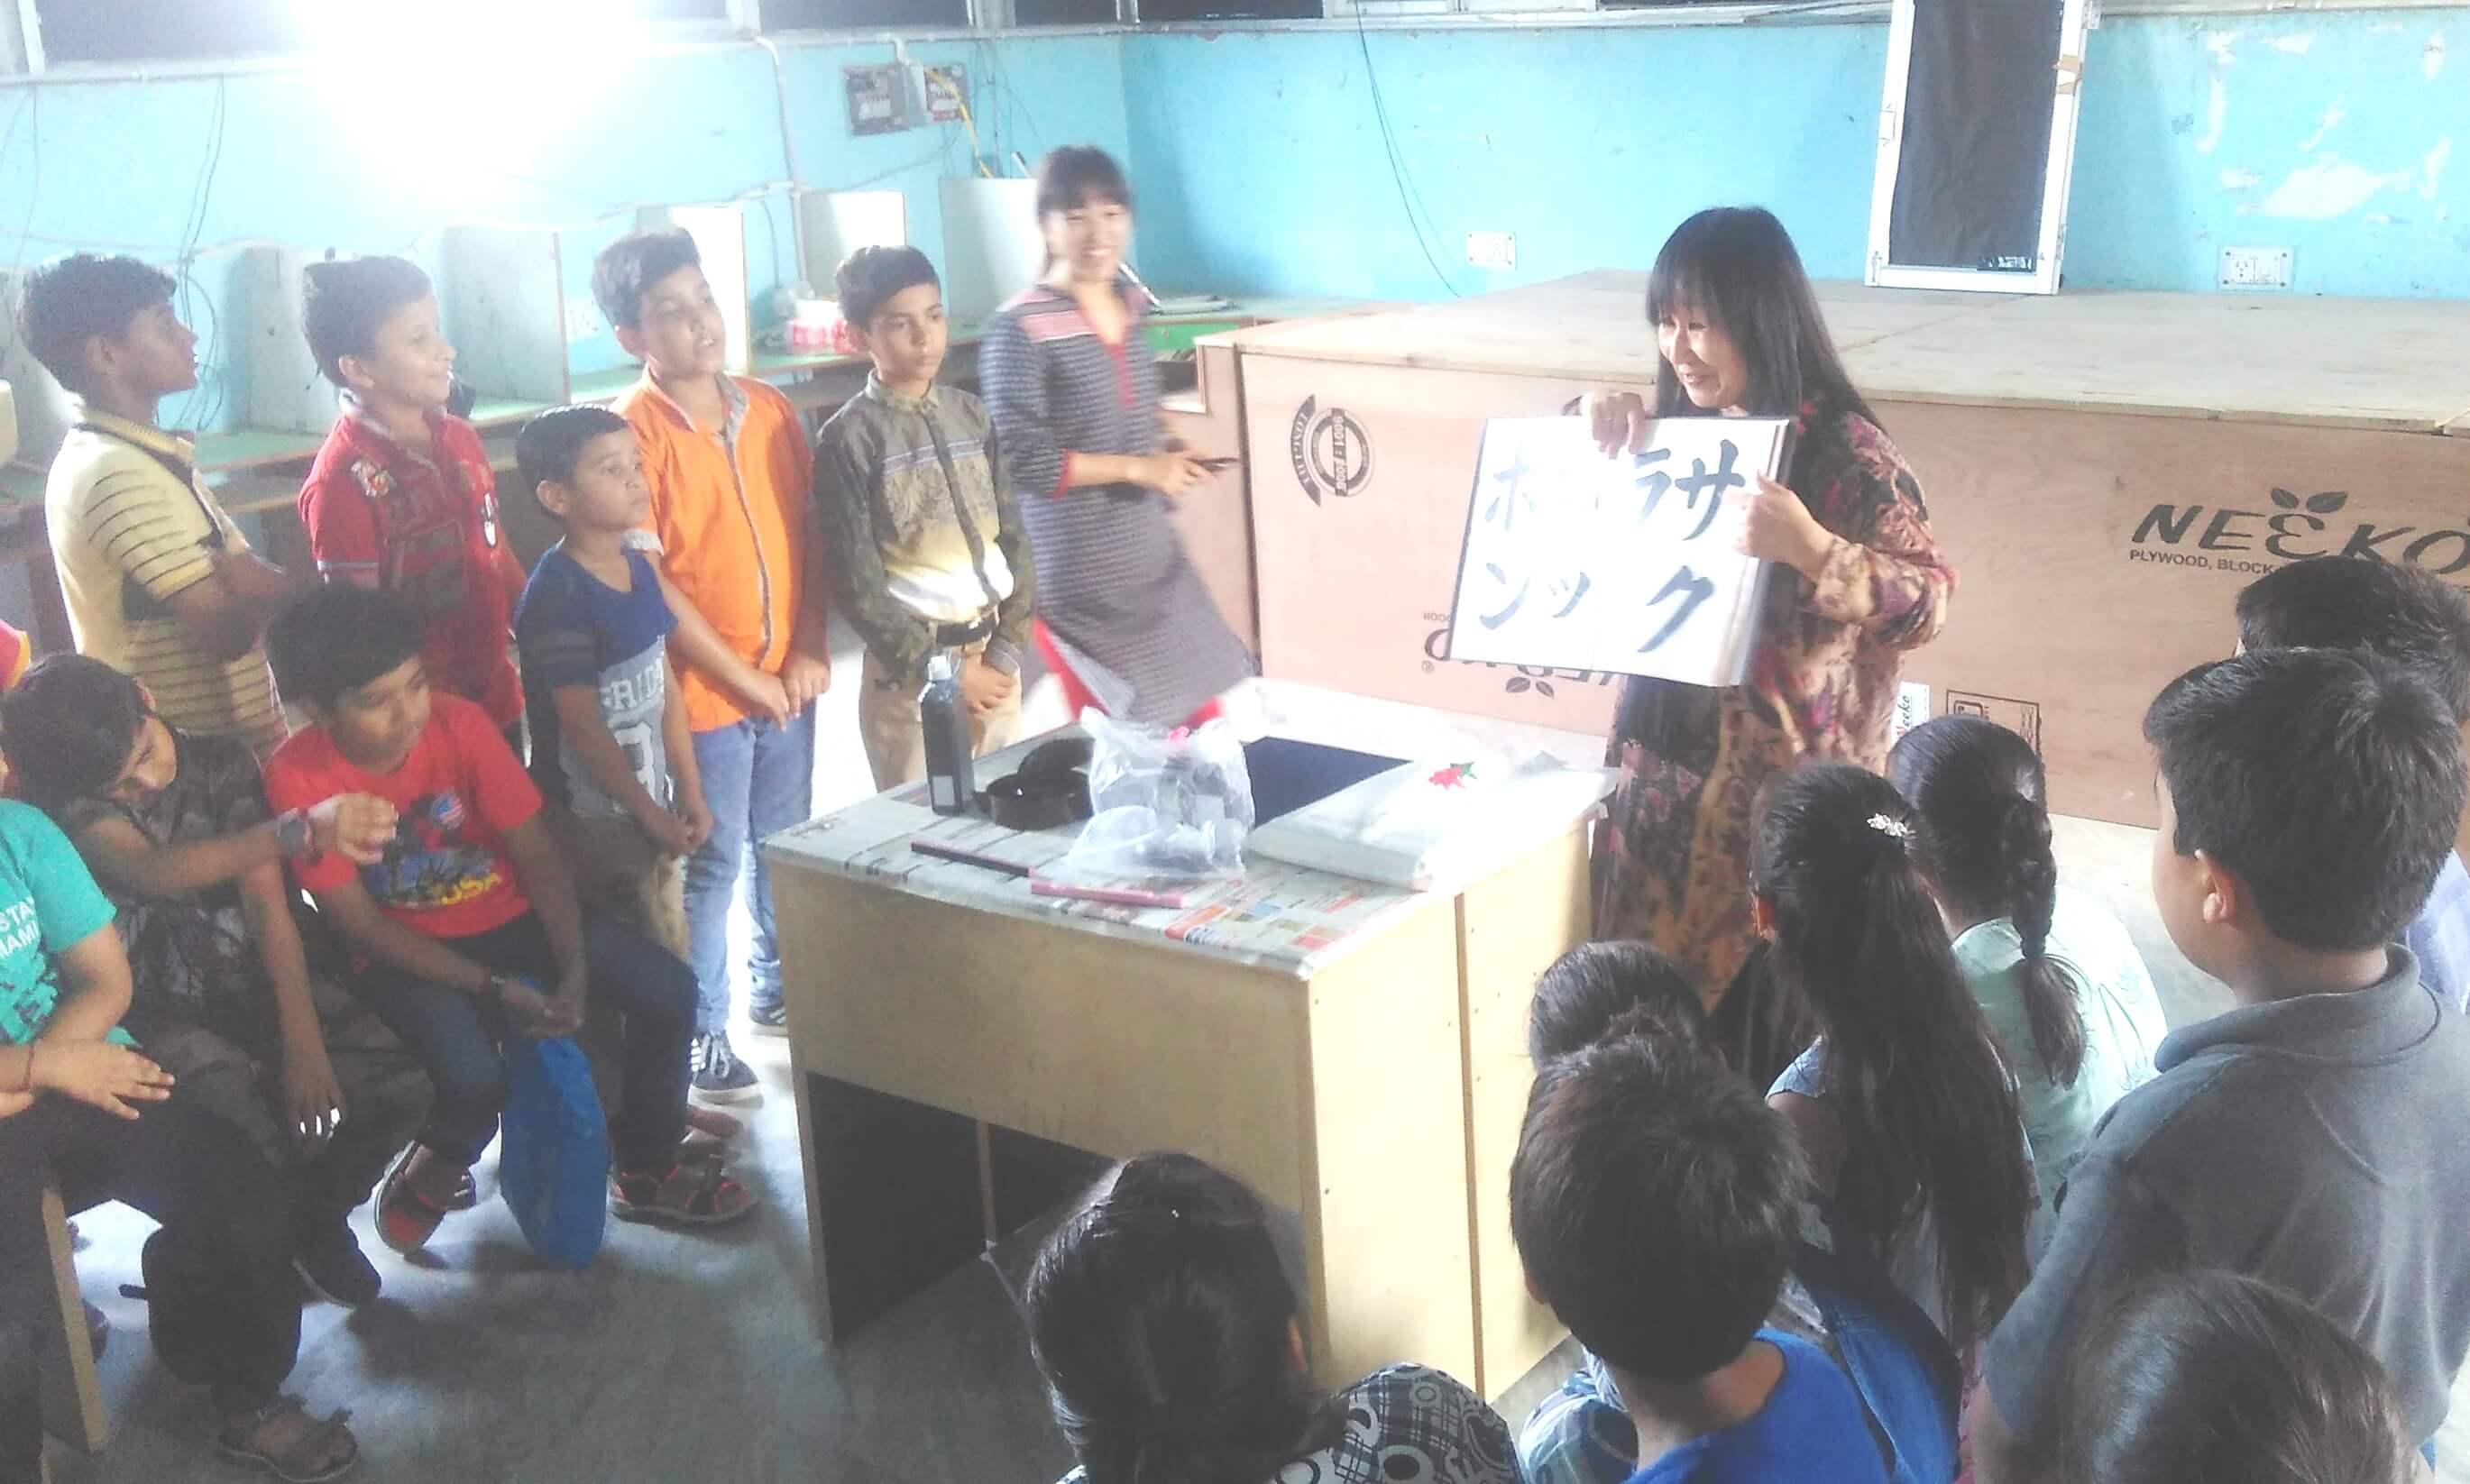 मुनि स्कूल के छात्रों ने सीखी जापान की कैलीग्राफी